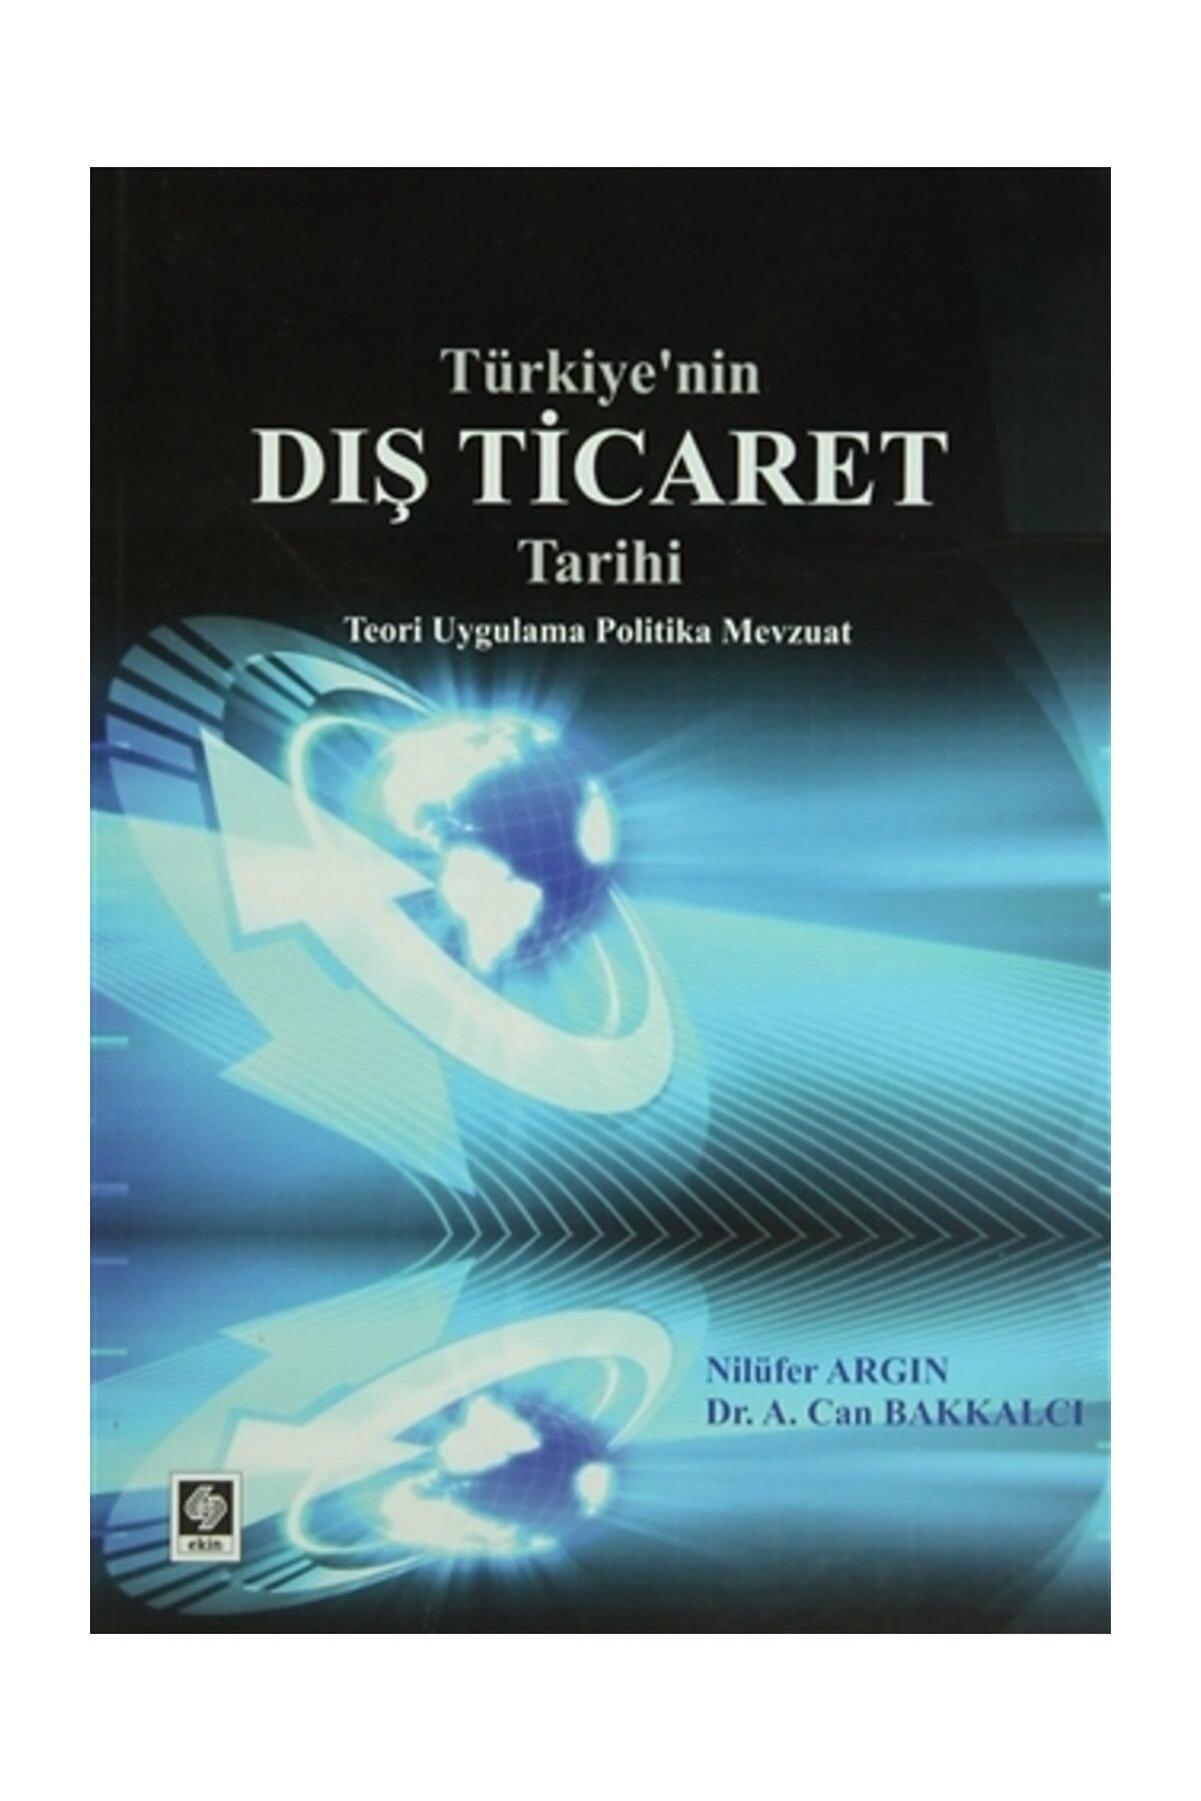 Ekin Basım Yayın Türkiye'nin Dış Ticaret Tarihi